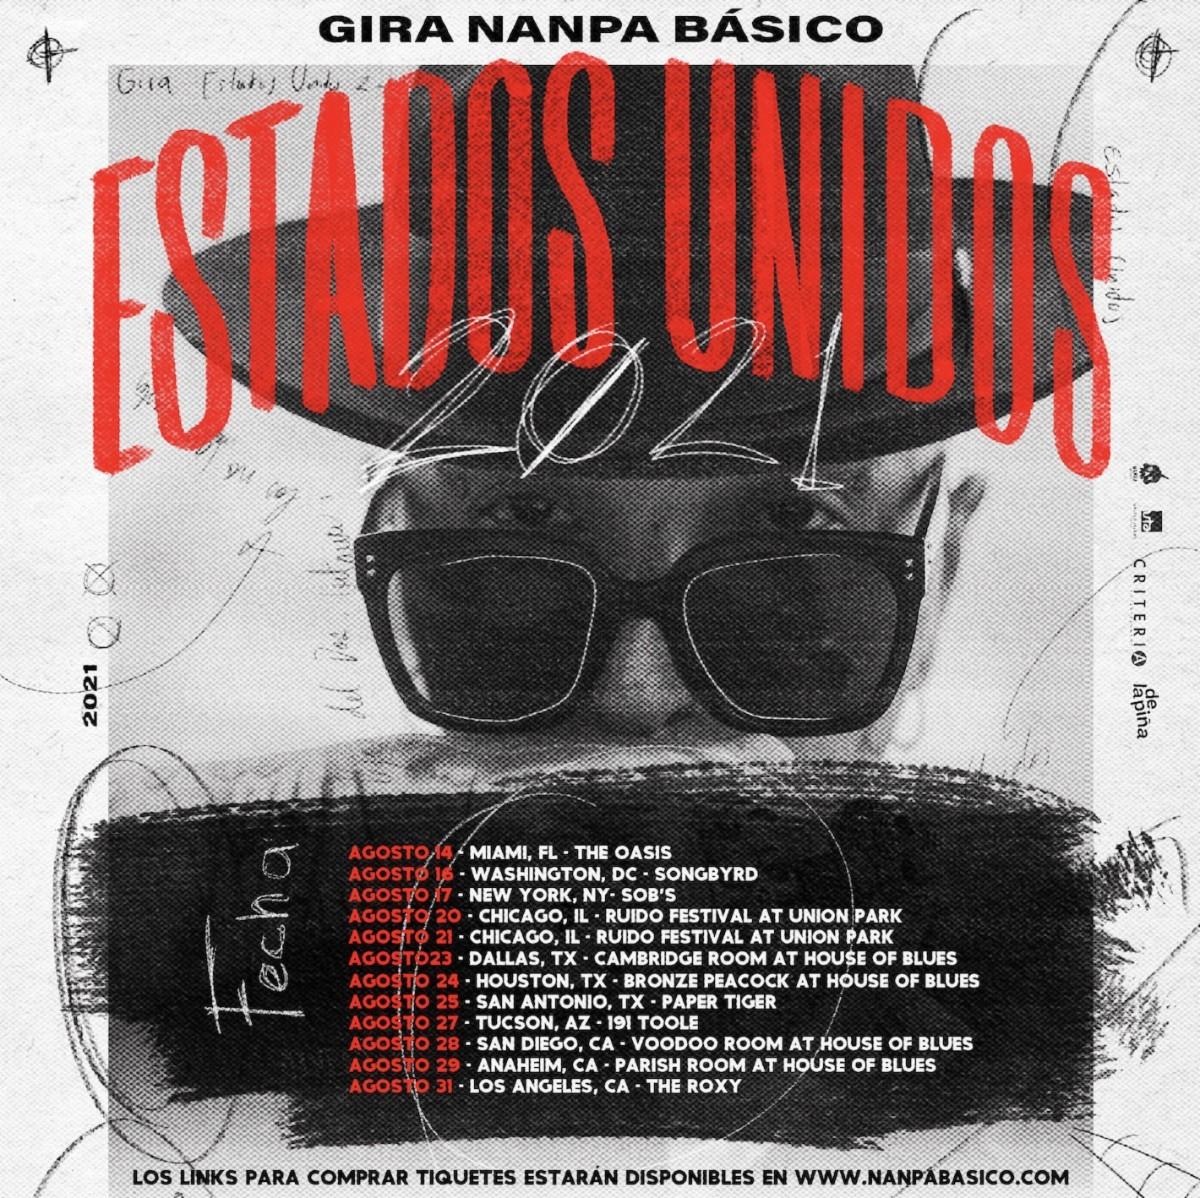 nanpa_us_tour.jpg